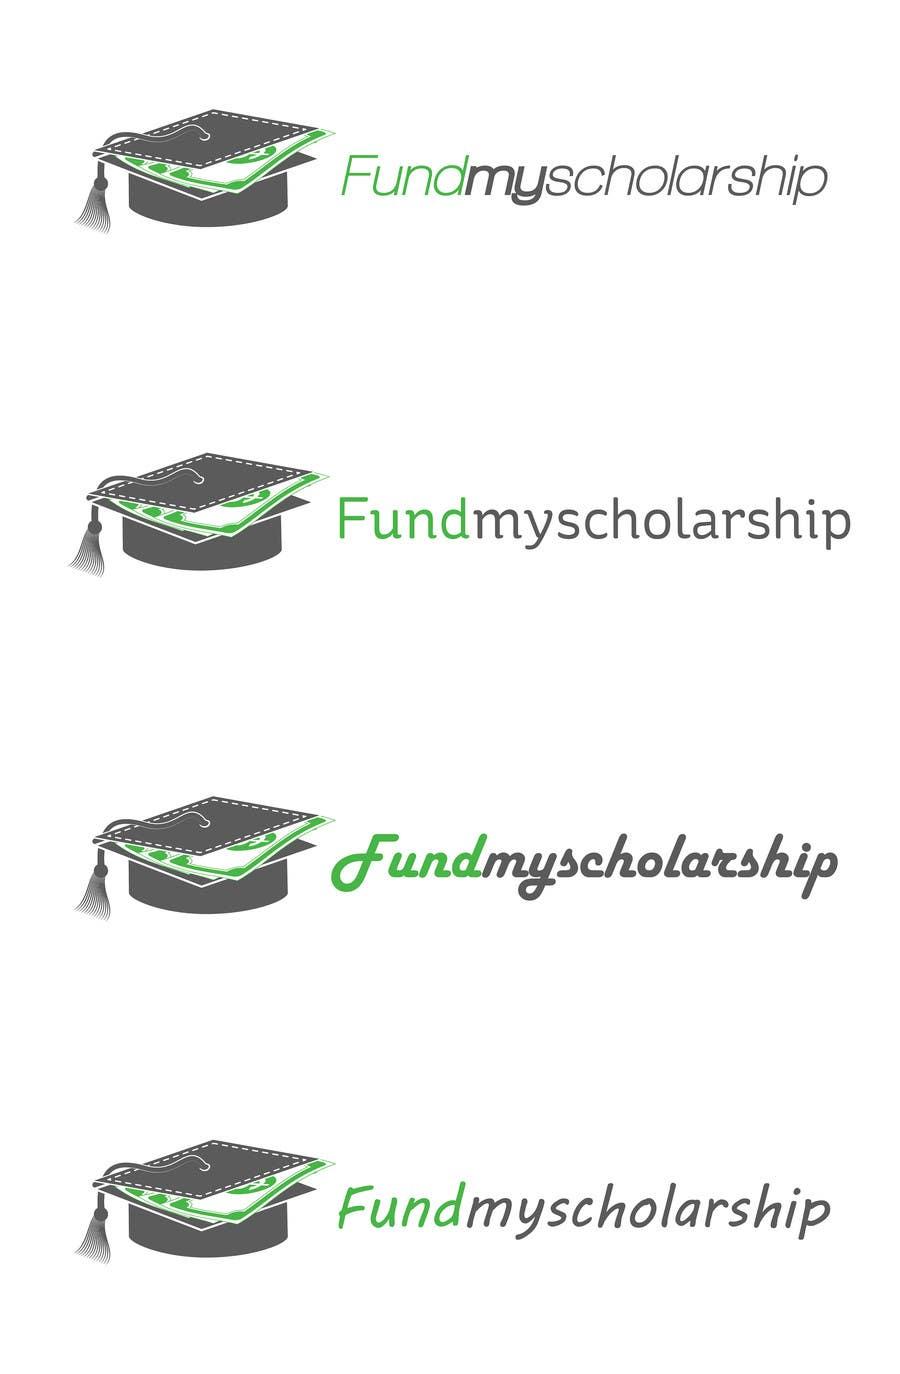 Penyertaan Peraduan #                                        77                                      untuk                                         Design a Logo for Scholarship Site